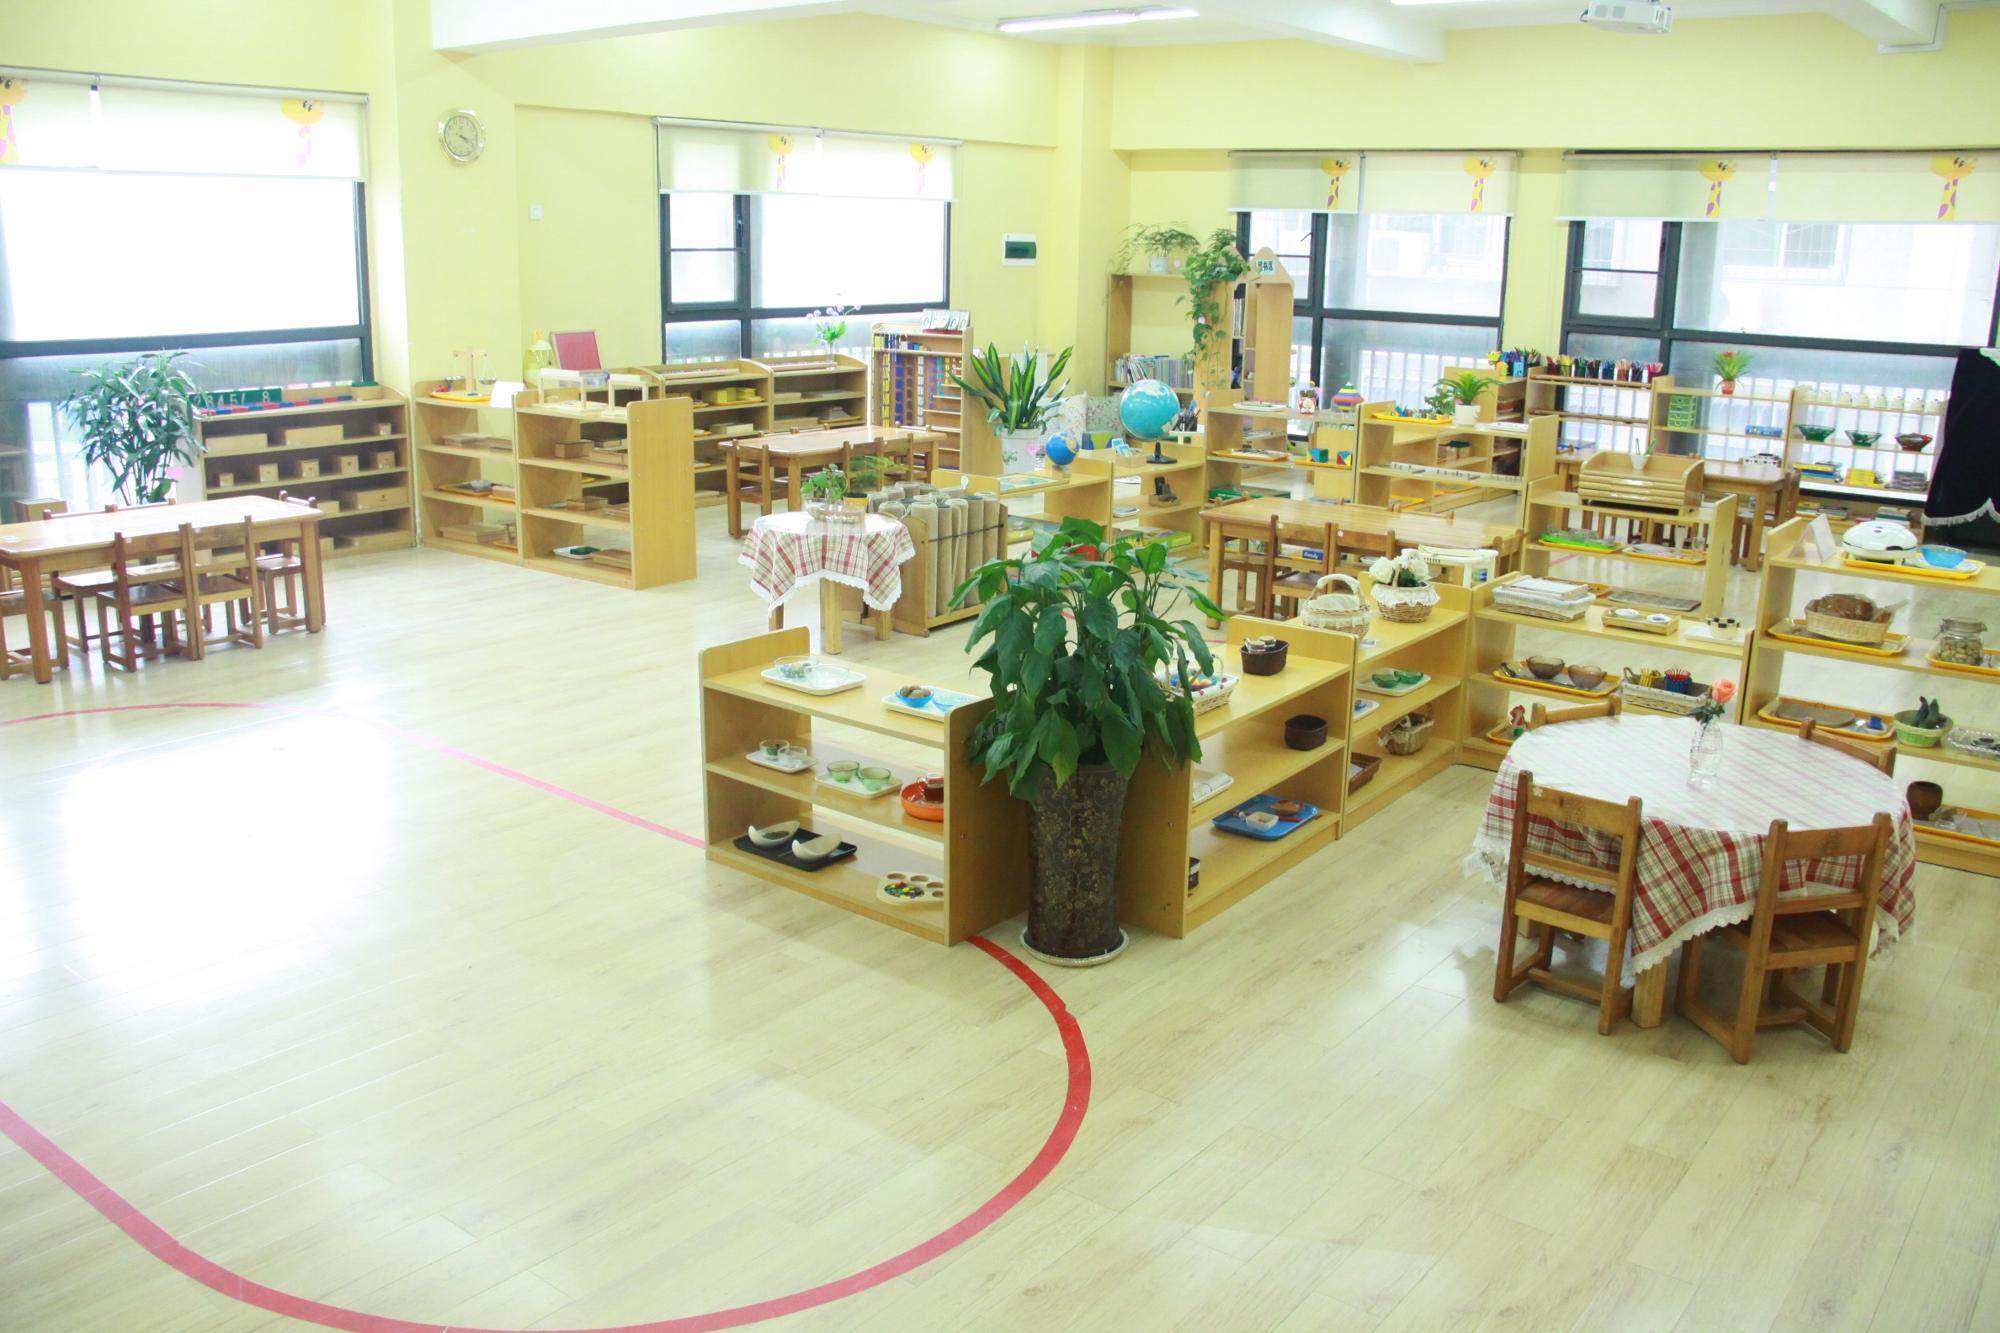 蒙氏教室平面设计图分享展示